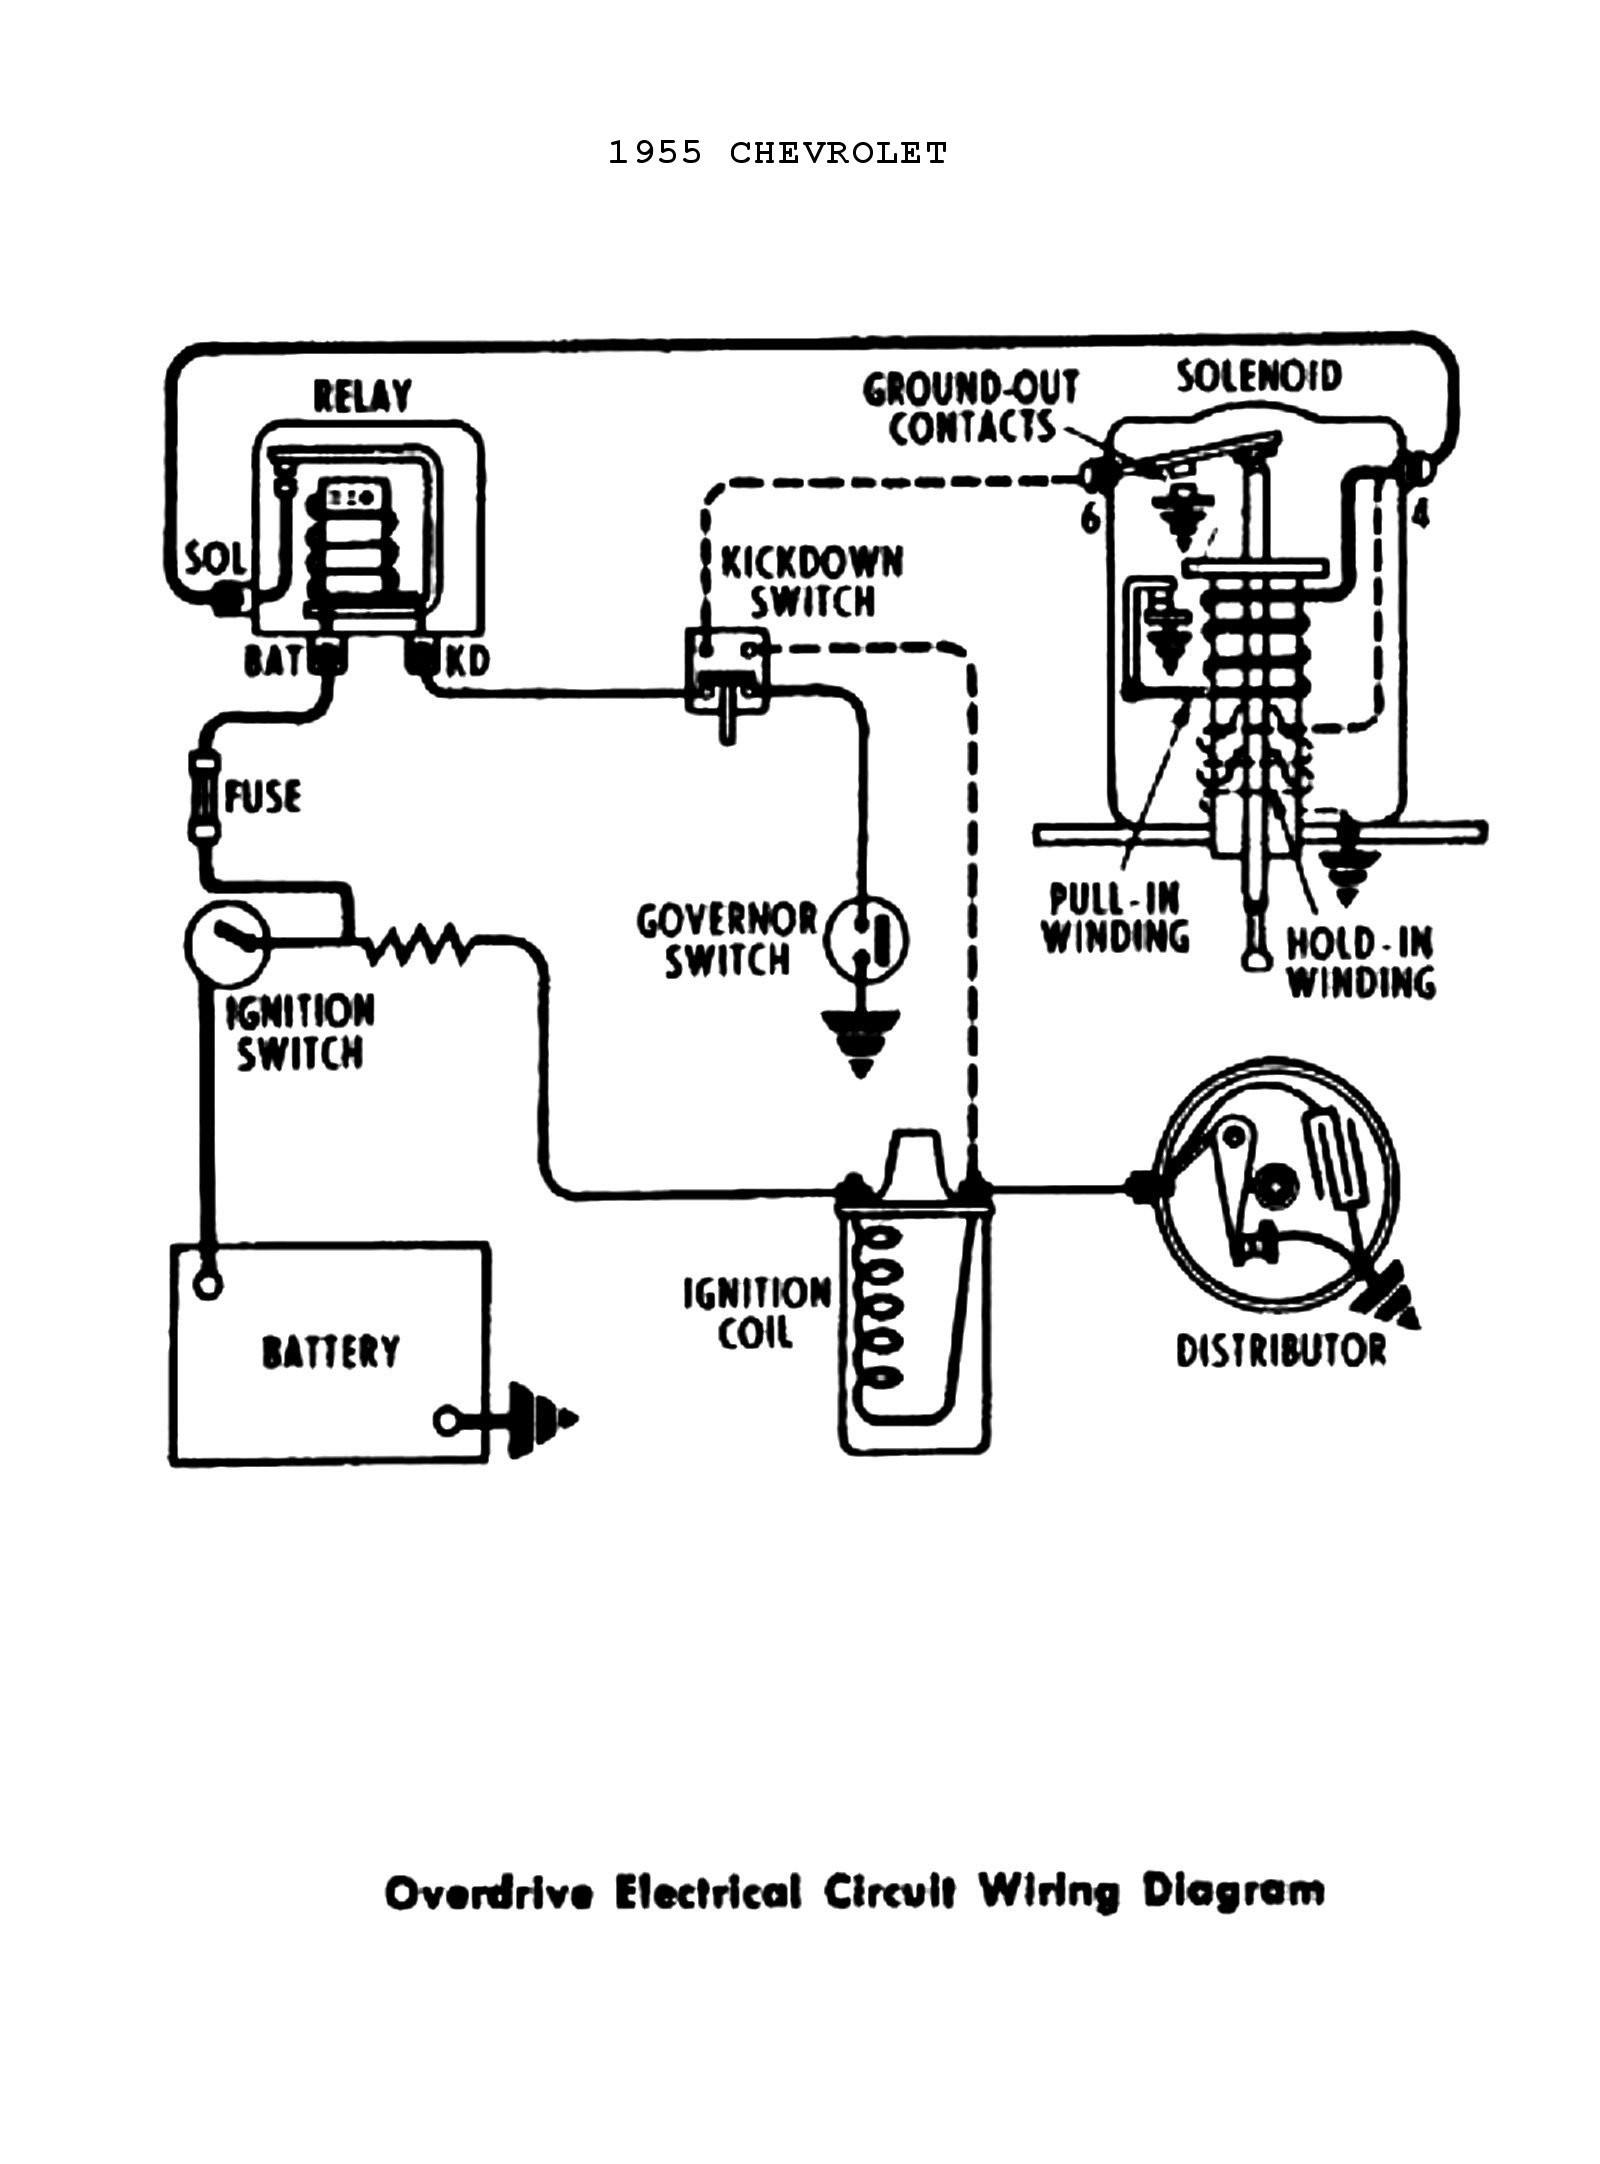 Power Window Switch Diagram